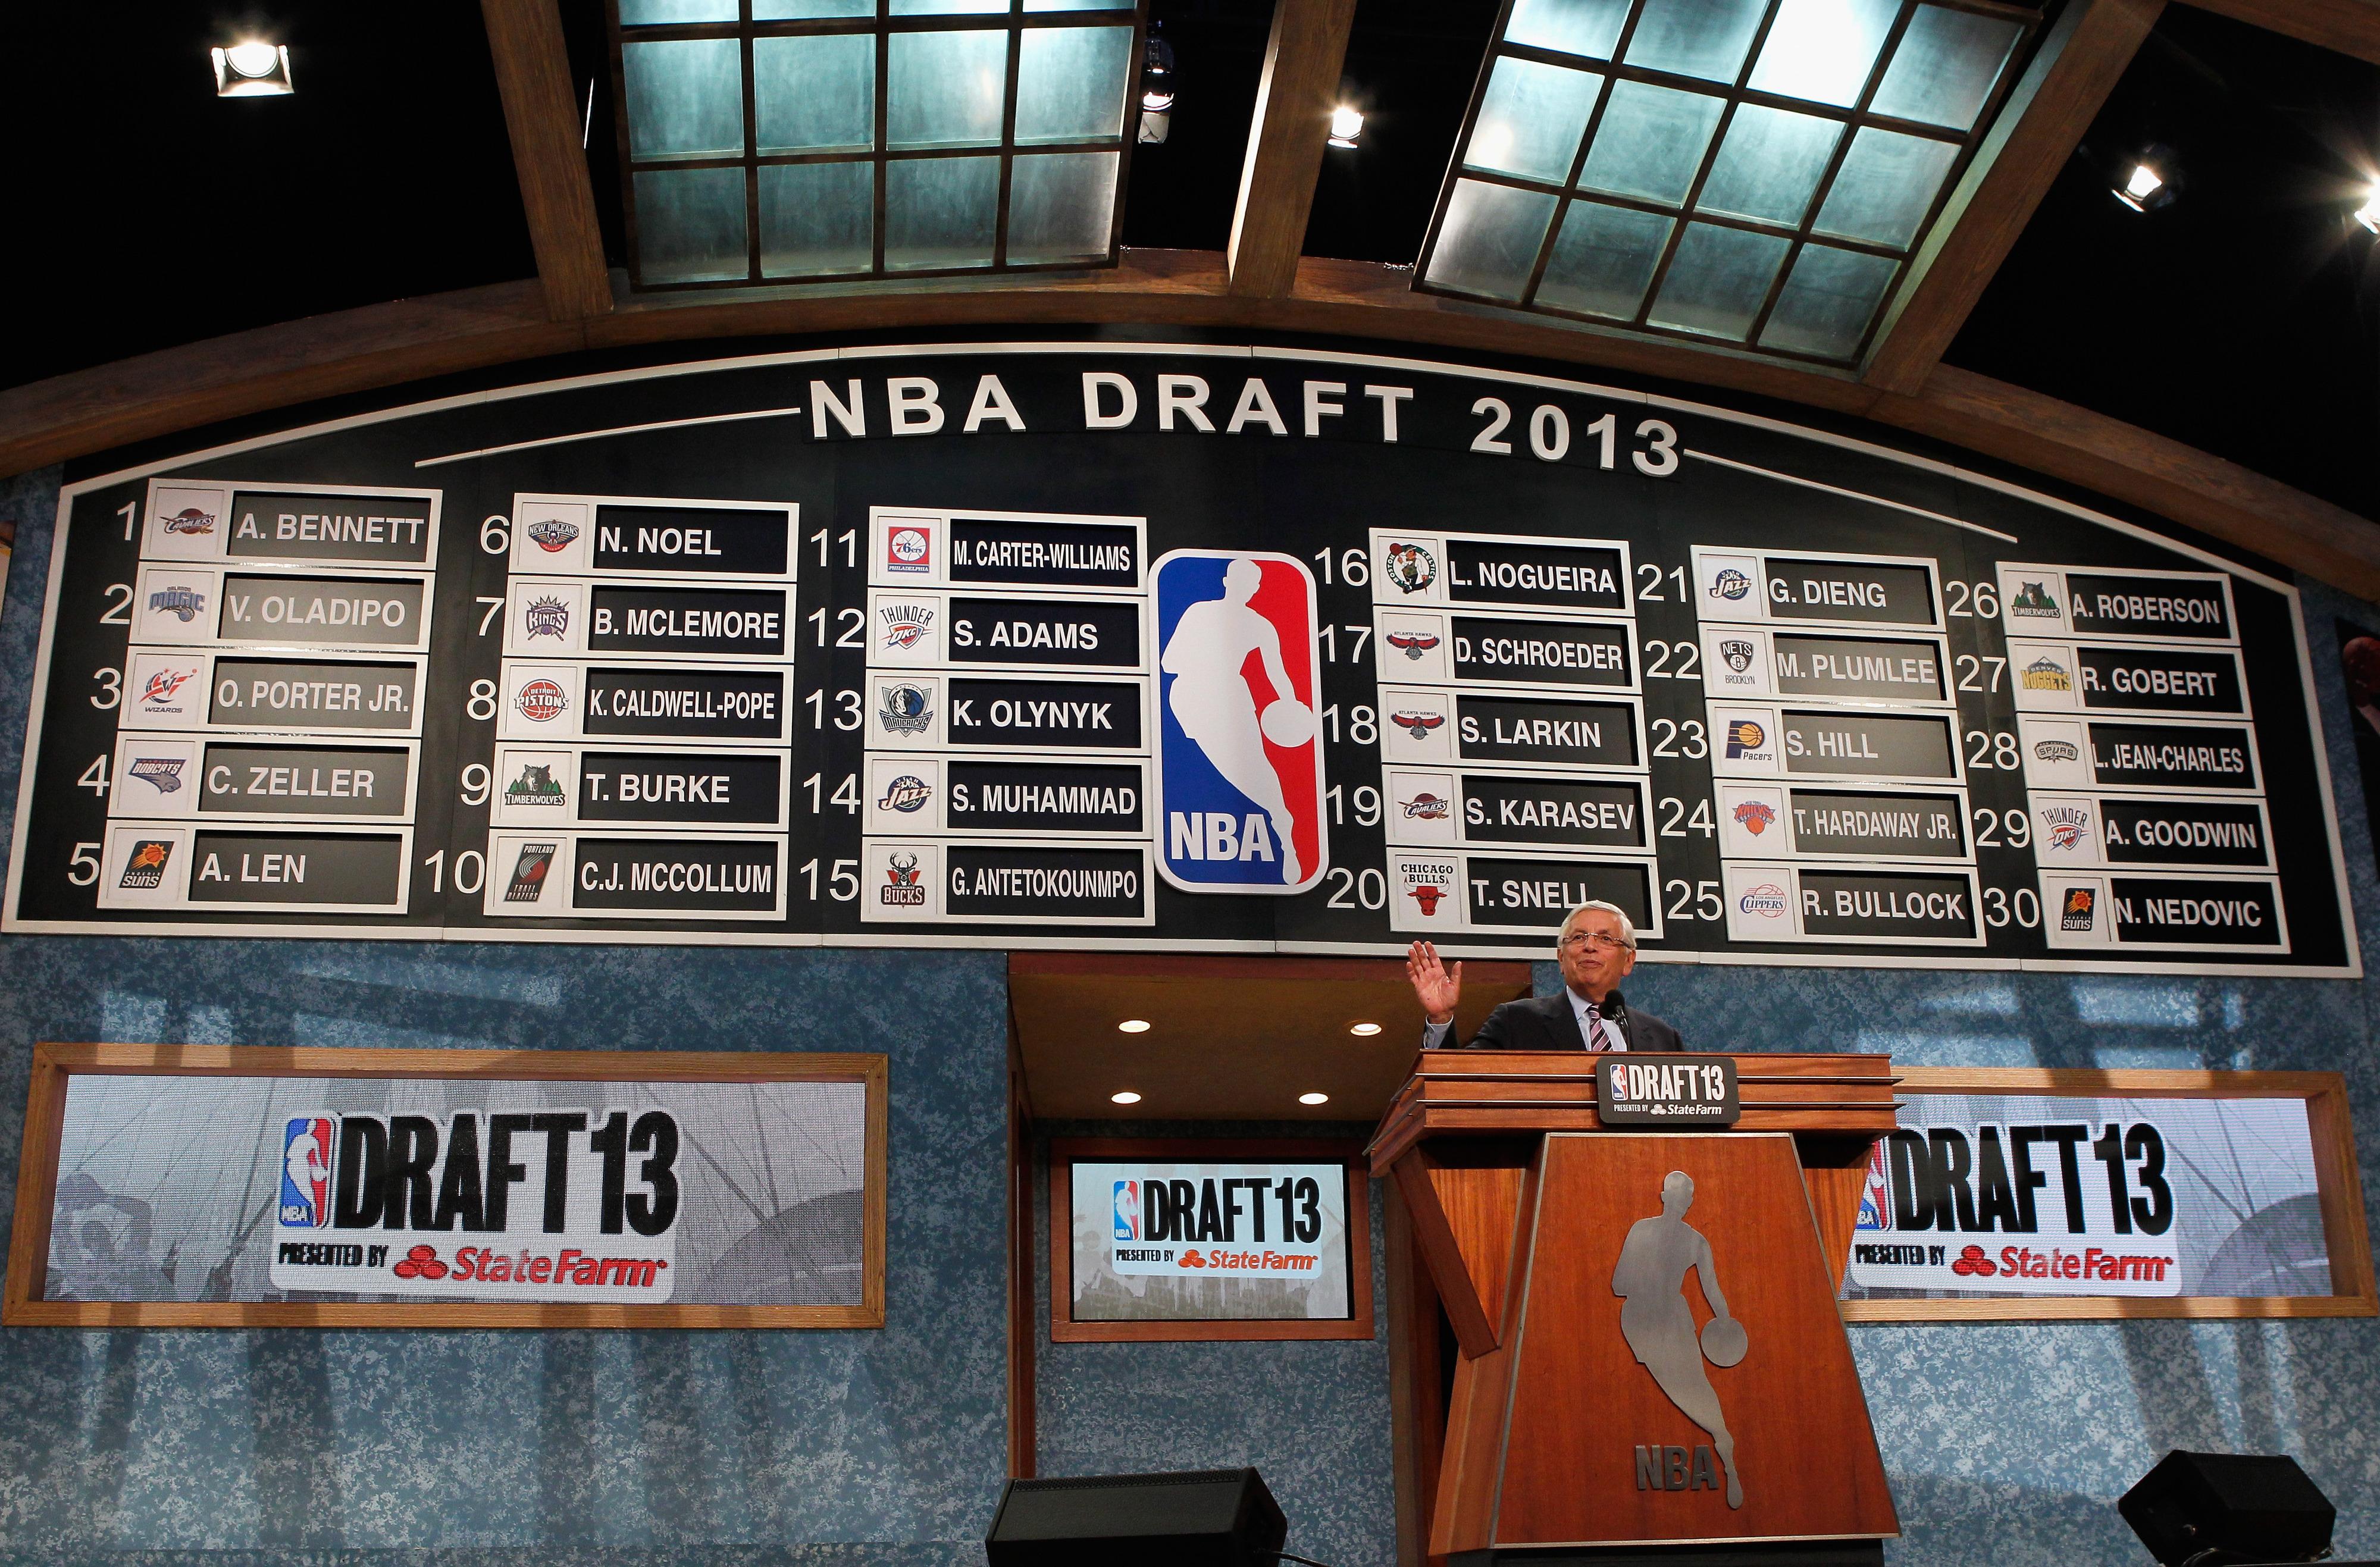 Dario Saric likely won't declare for 2014 NBA Draft, per report